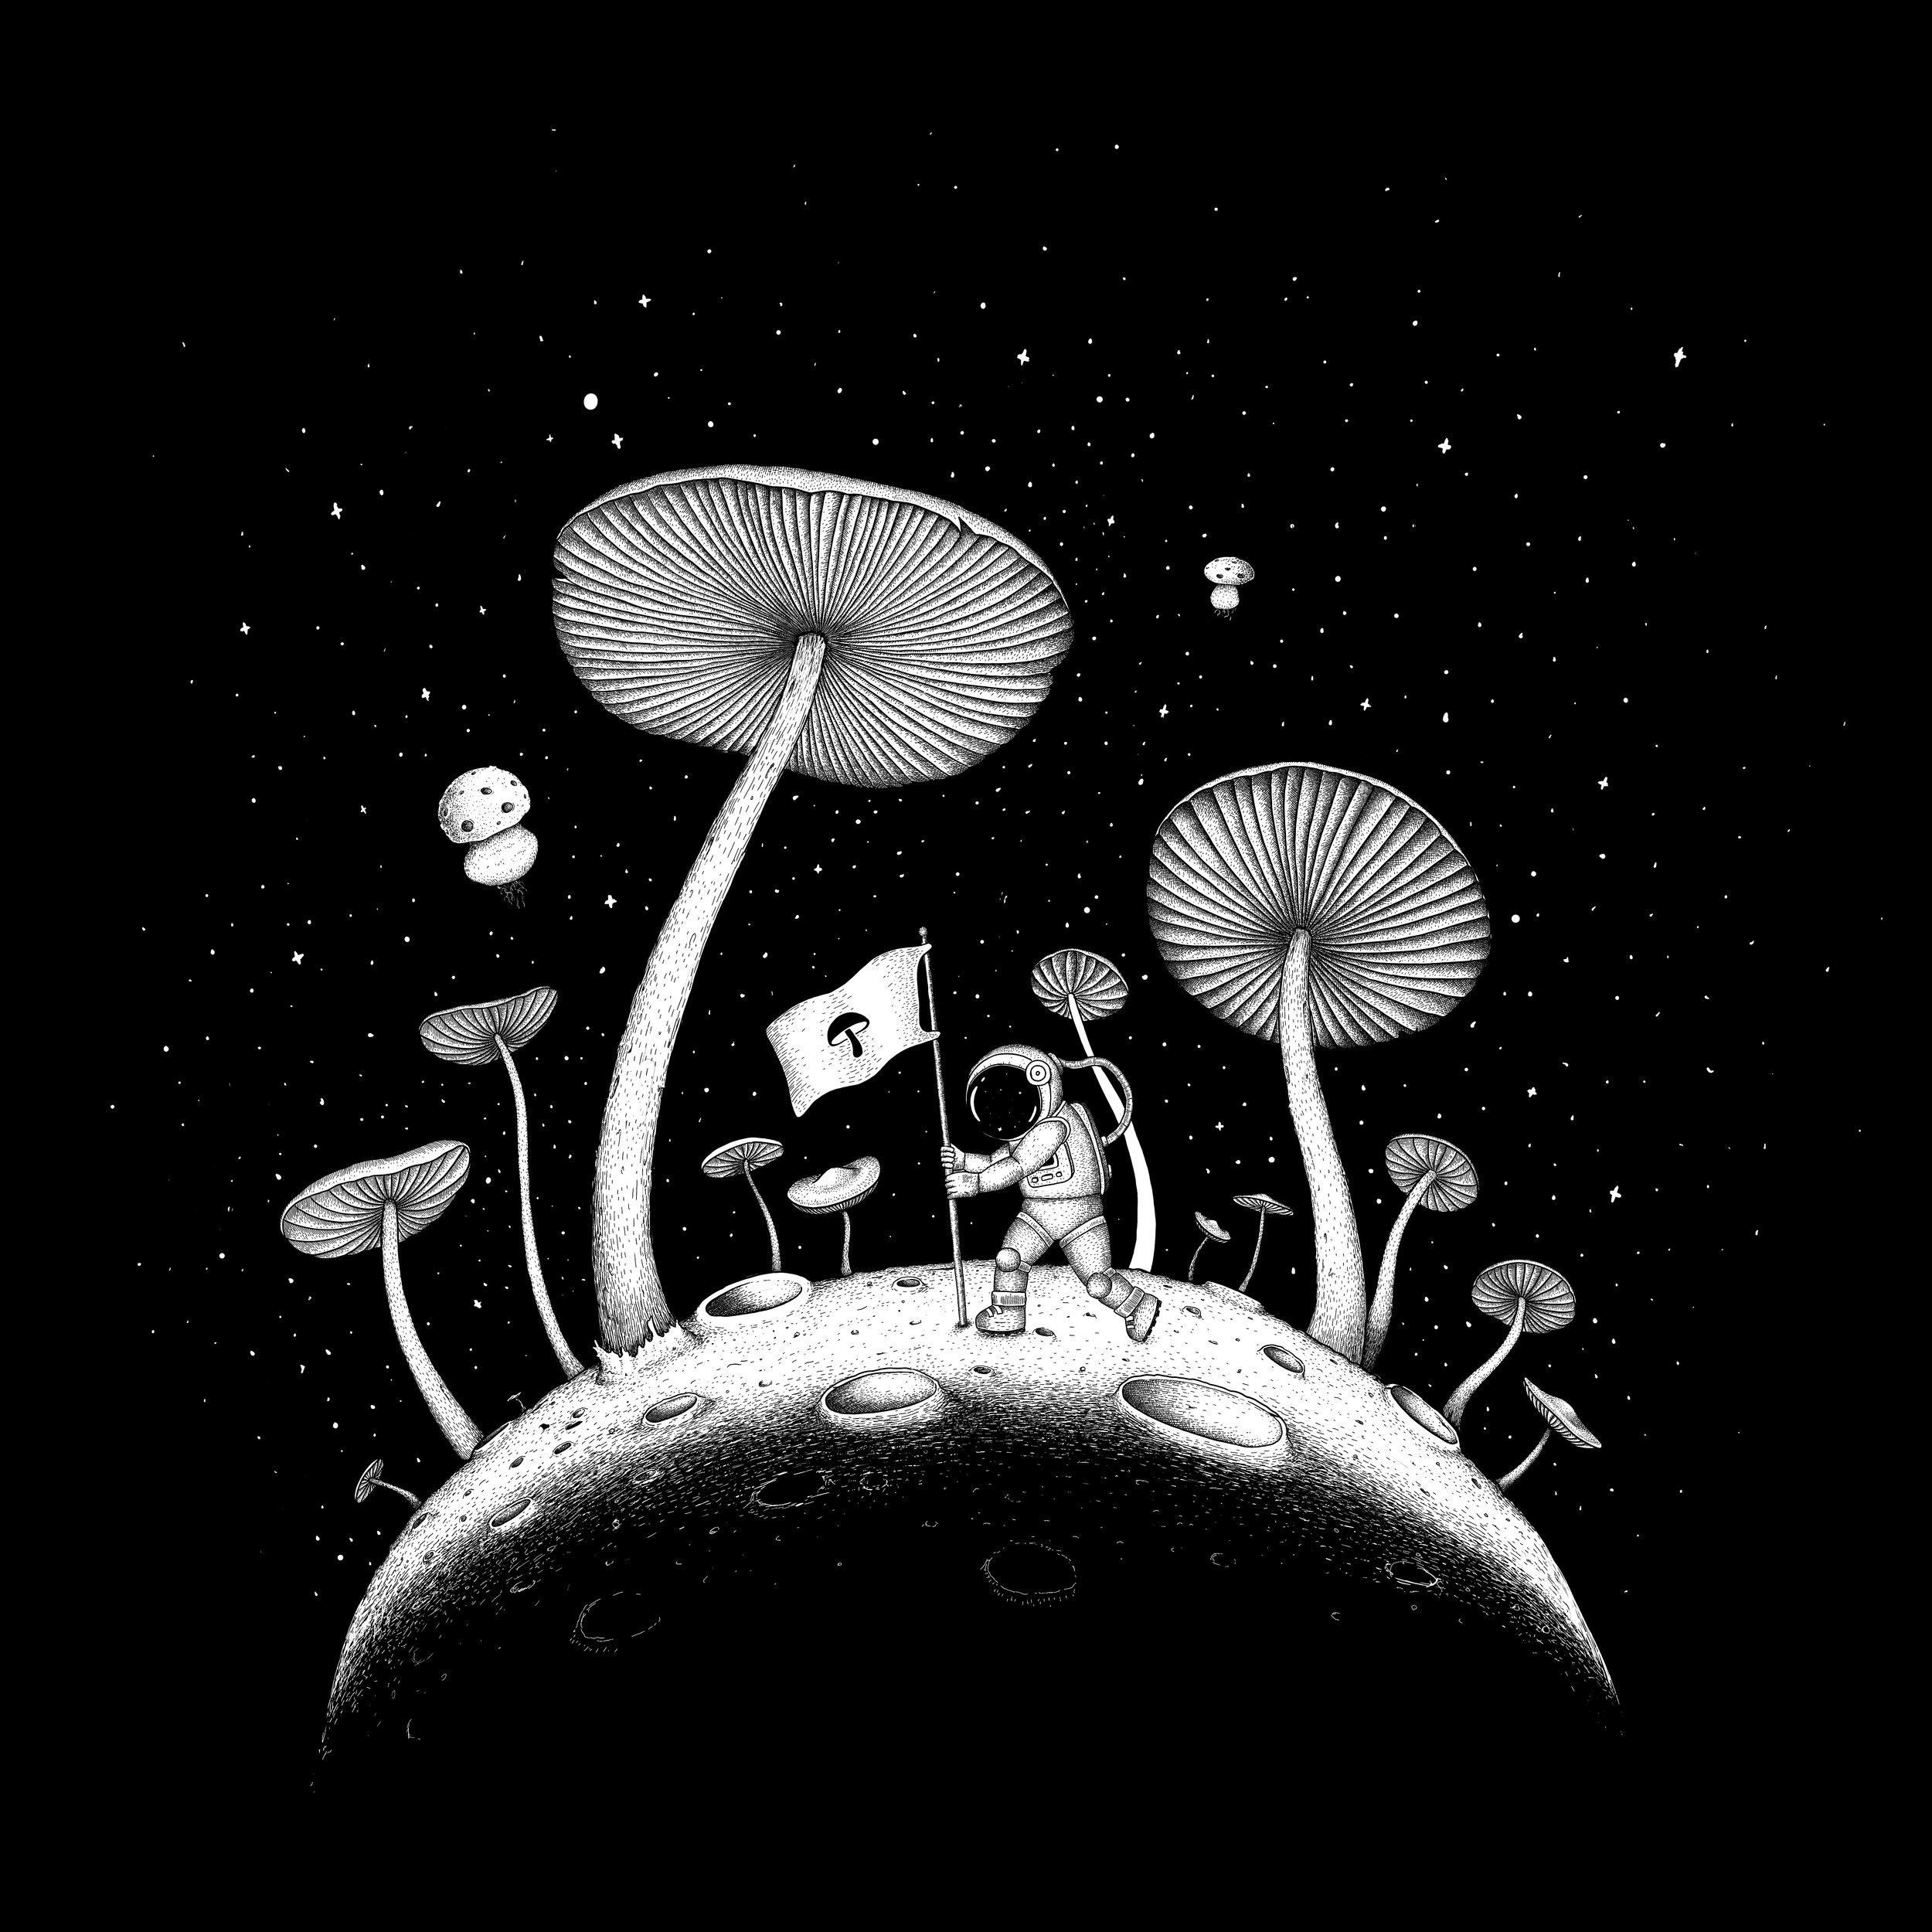 Moon Mushroom T-Shirt Illustration